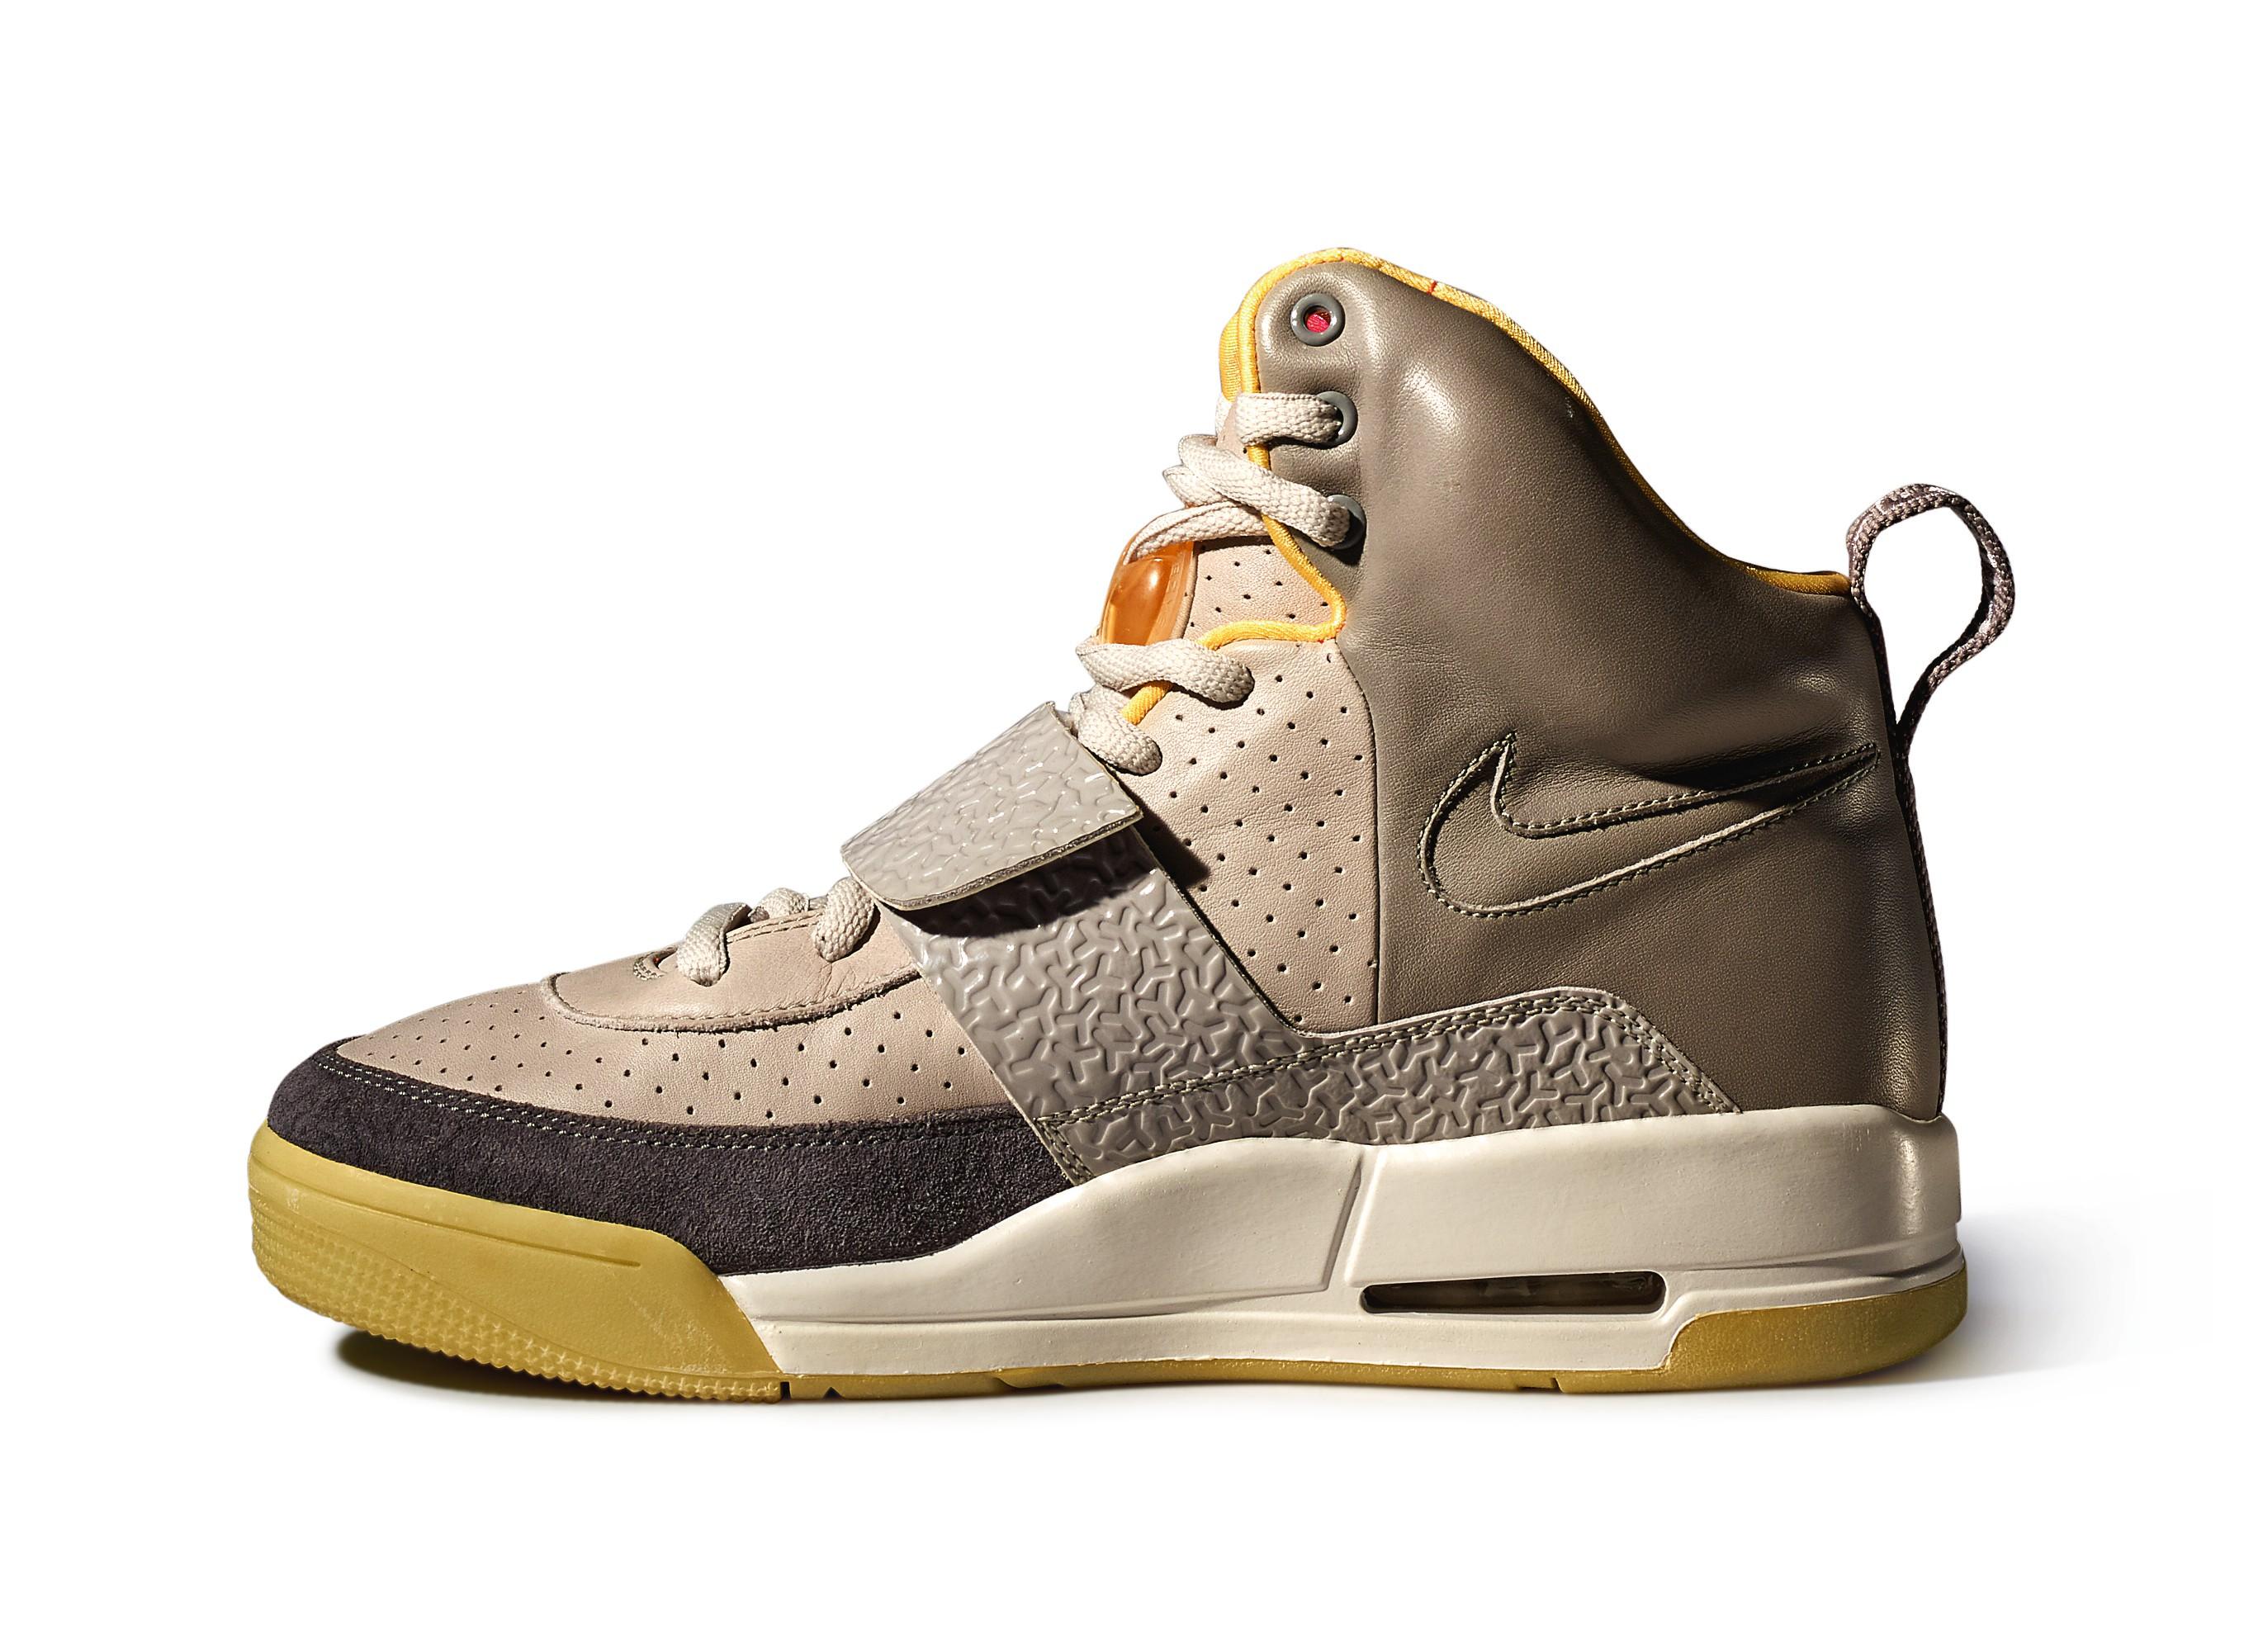 Kanye West Designed Nike Air Yeezy